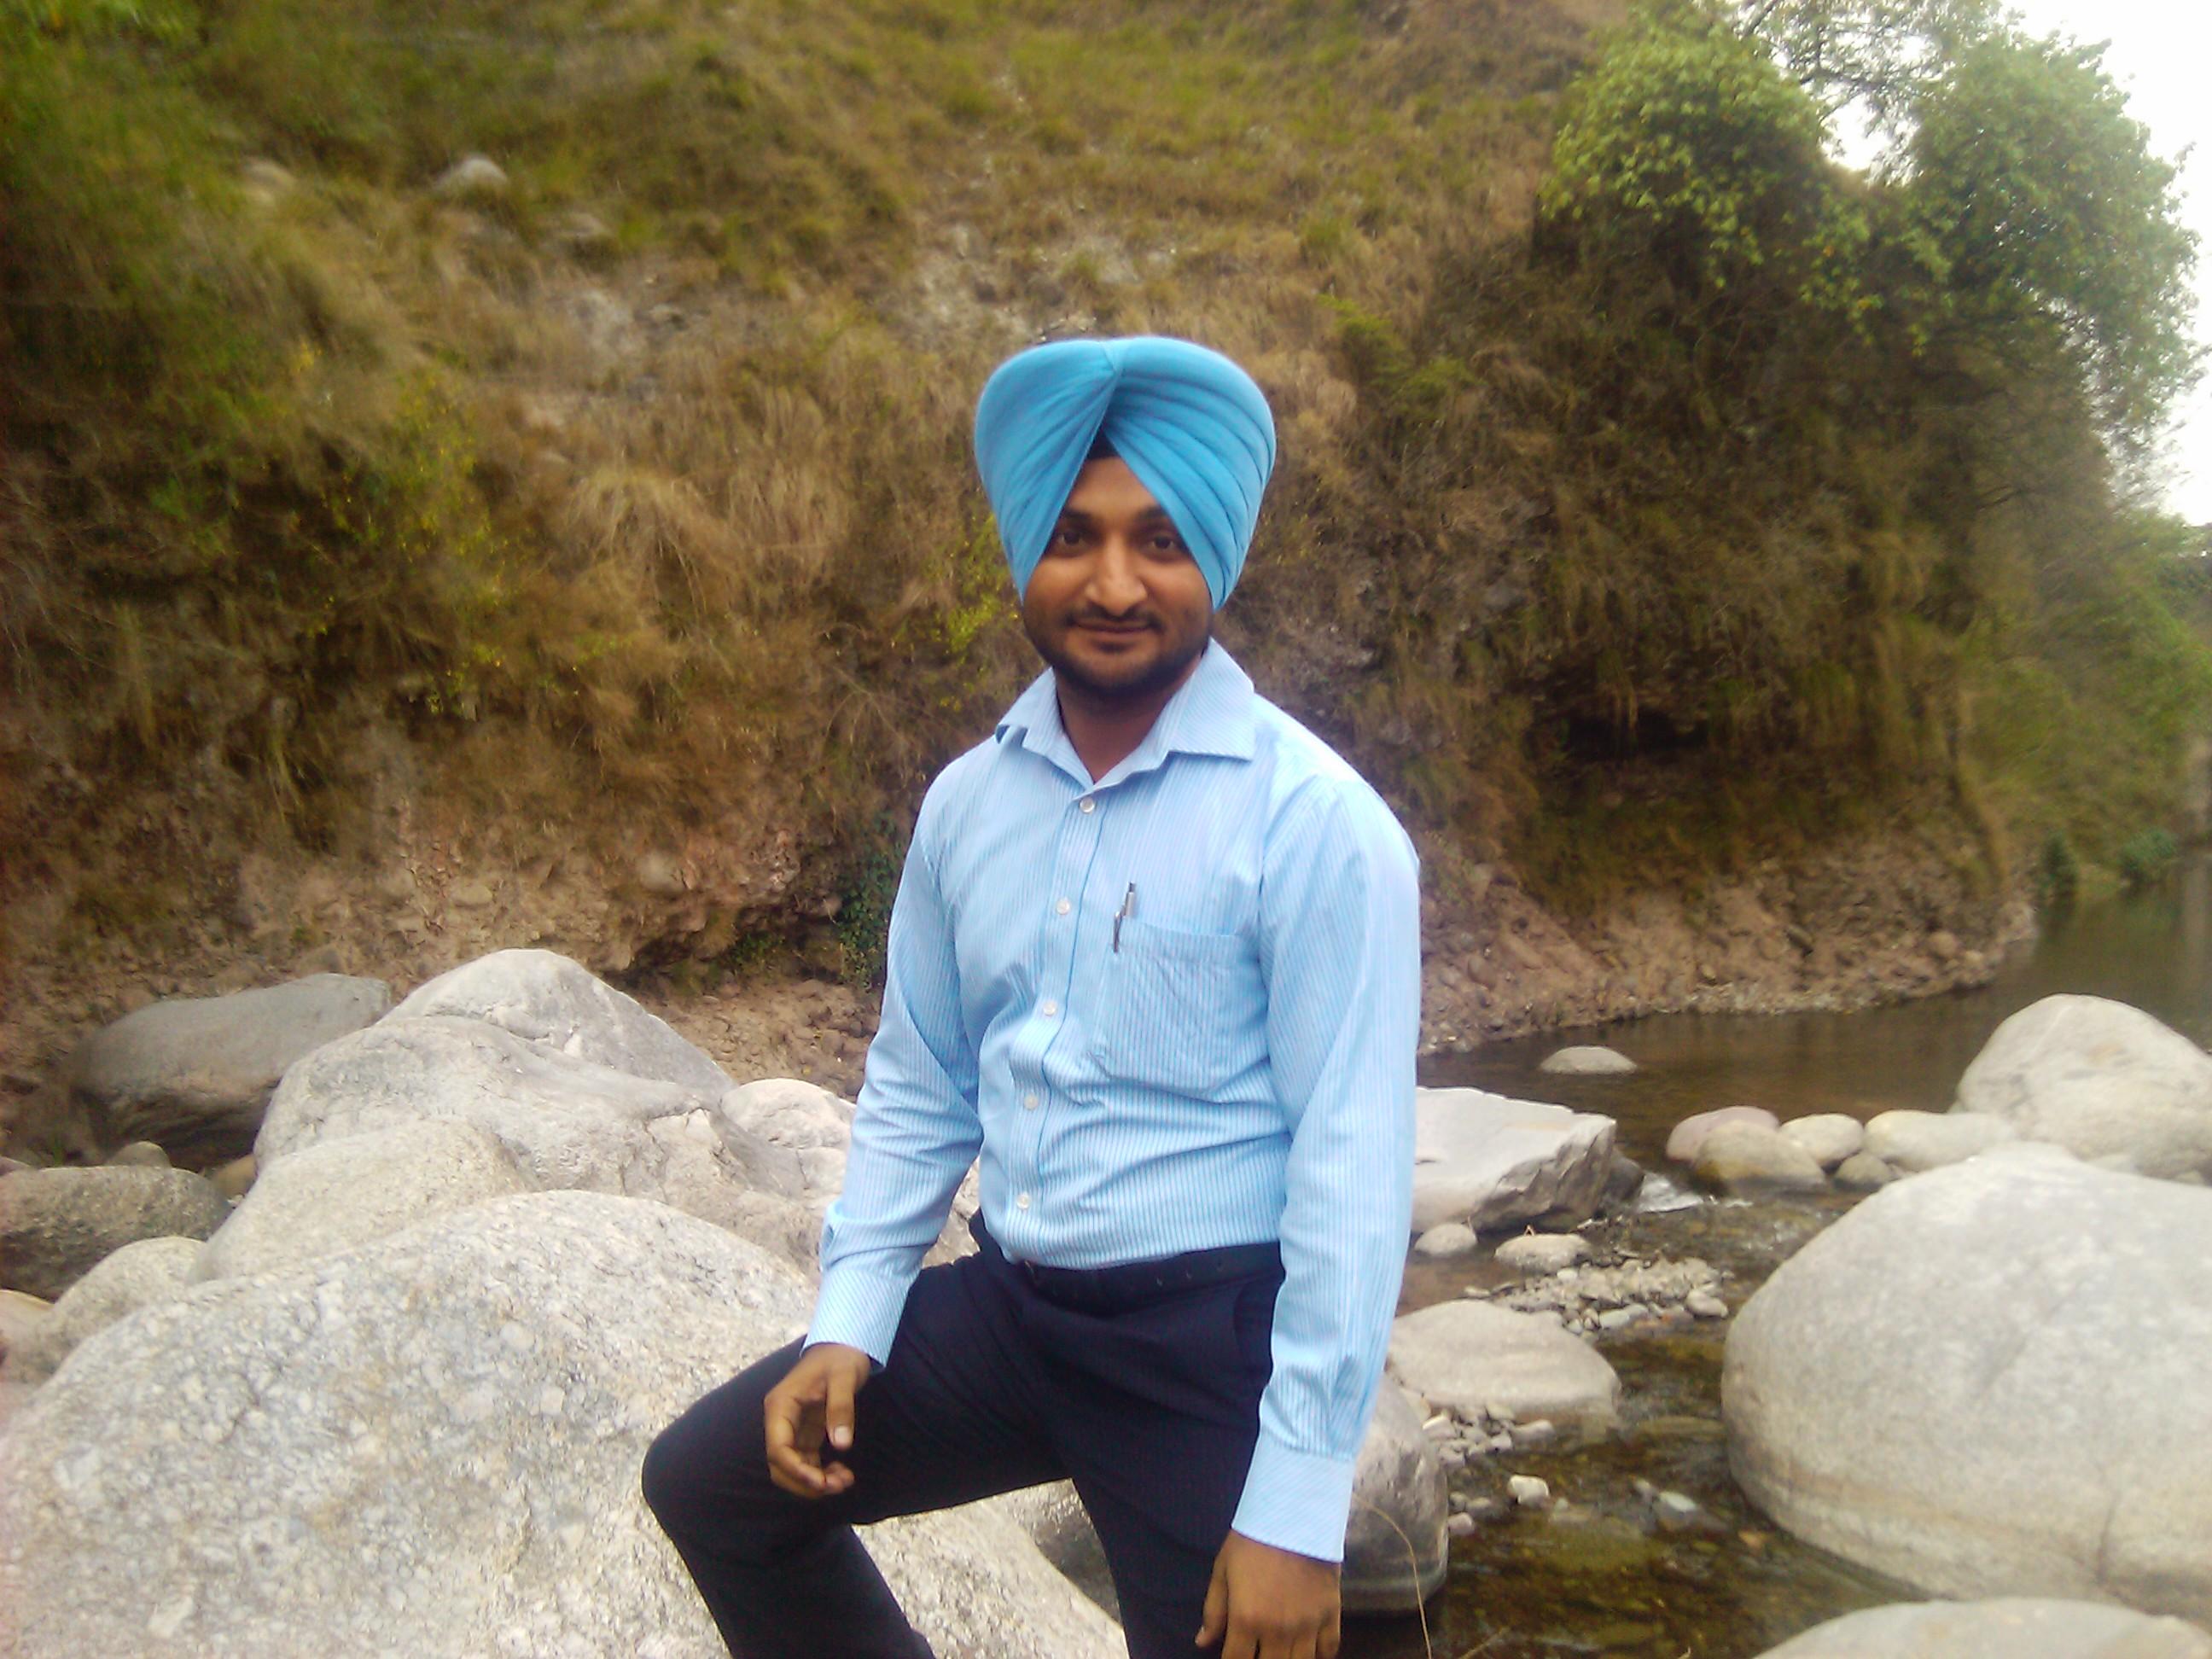 Jagdeep Singh in Himachal Pradesh